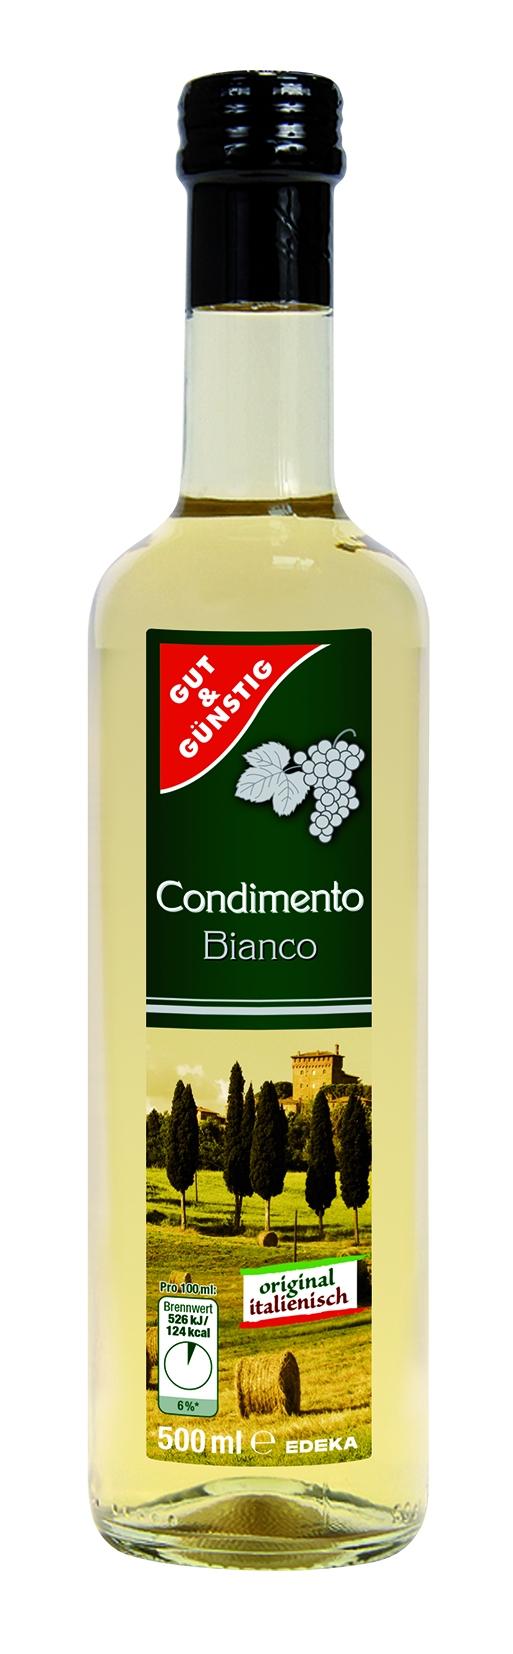 Balsamico Condimento Bianco